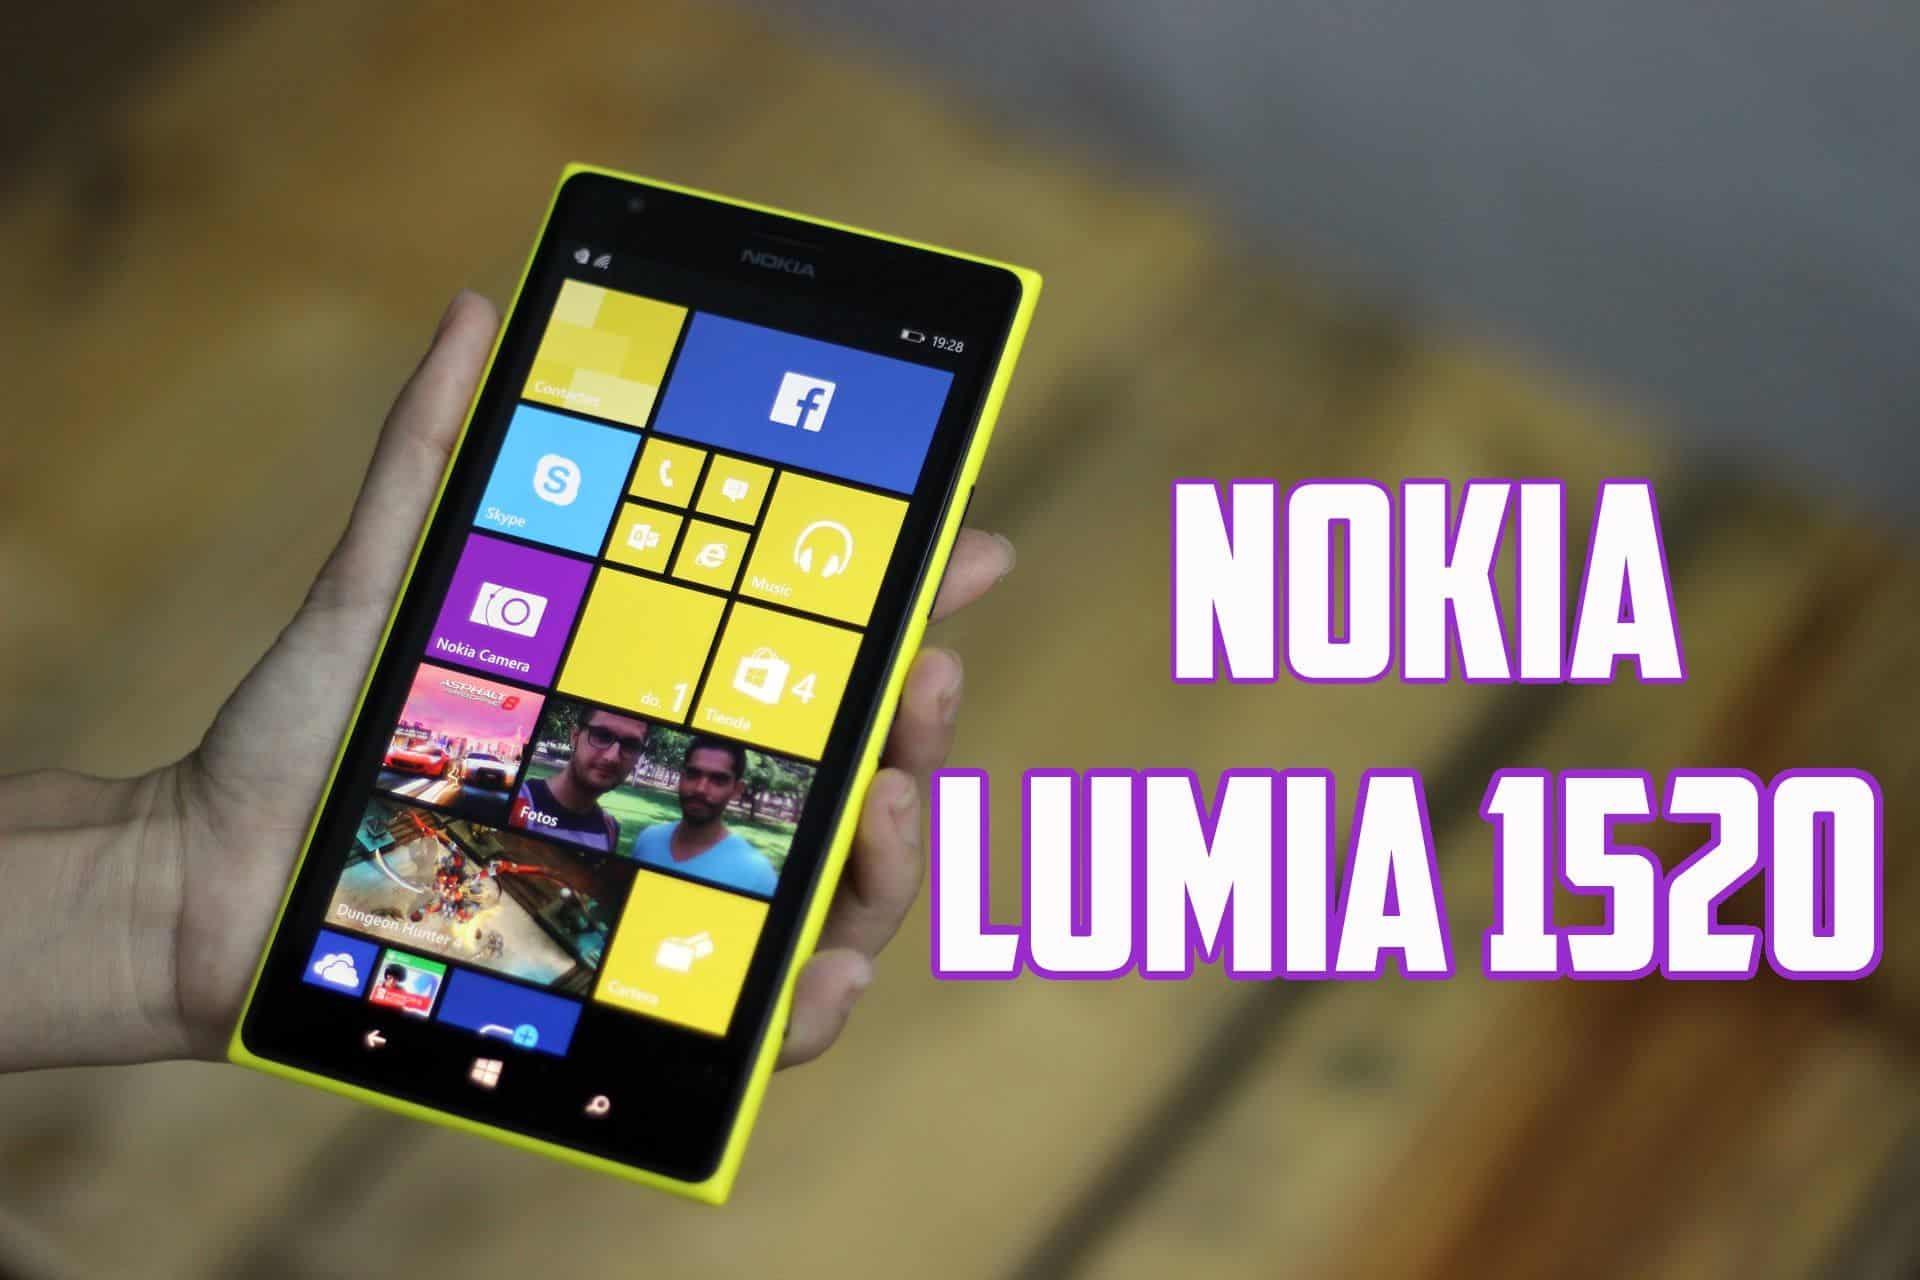 amazon Nokia Lumia 1520 reviews Nokia Lumia 1520 on amazon newest Nokia  Lumia 1520 prices of